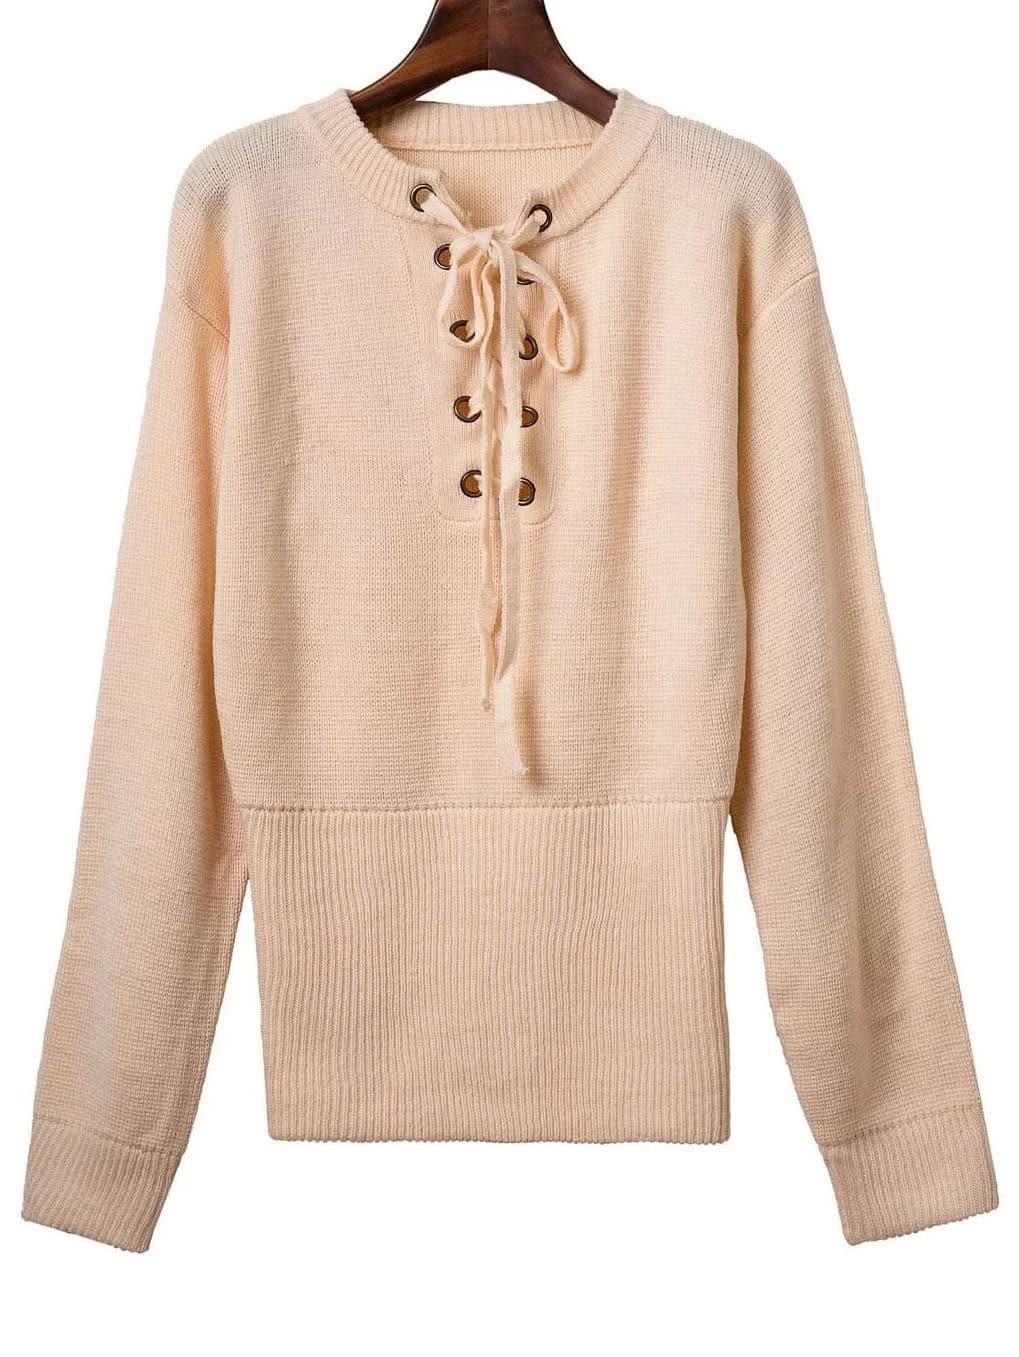 Khaki Ribbed Cuff Wide Hem Lace Up Sweater